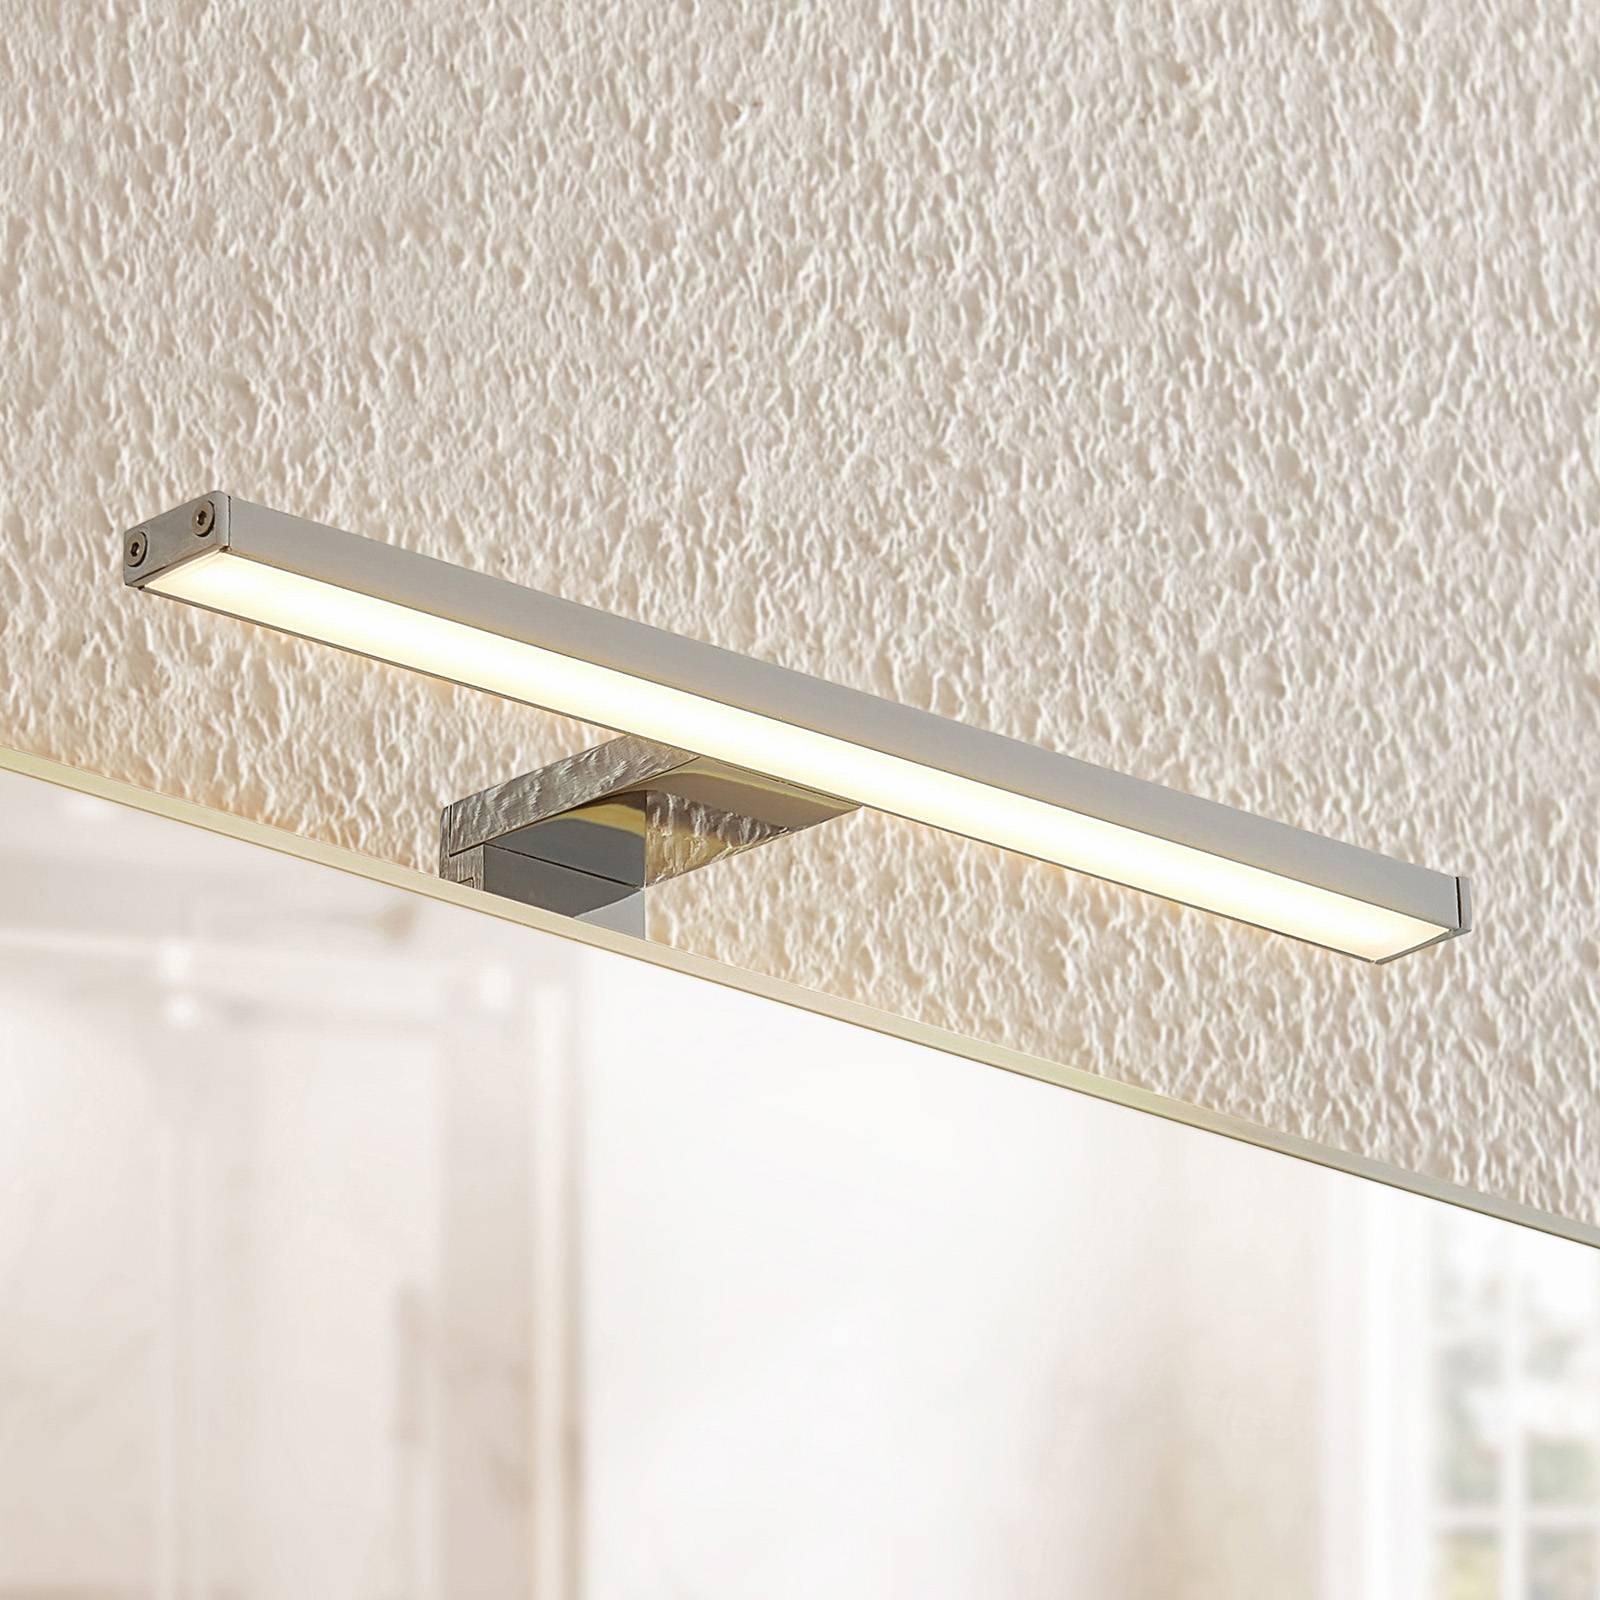 Lindby Daitani applique pour miroir LED, 30,5cm